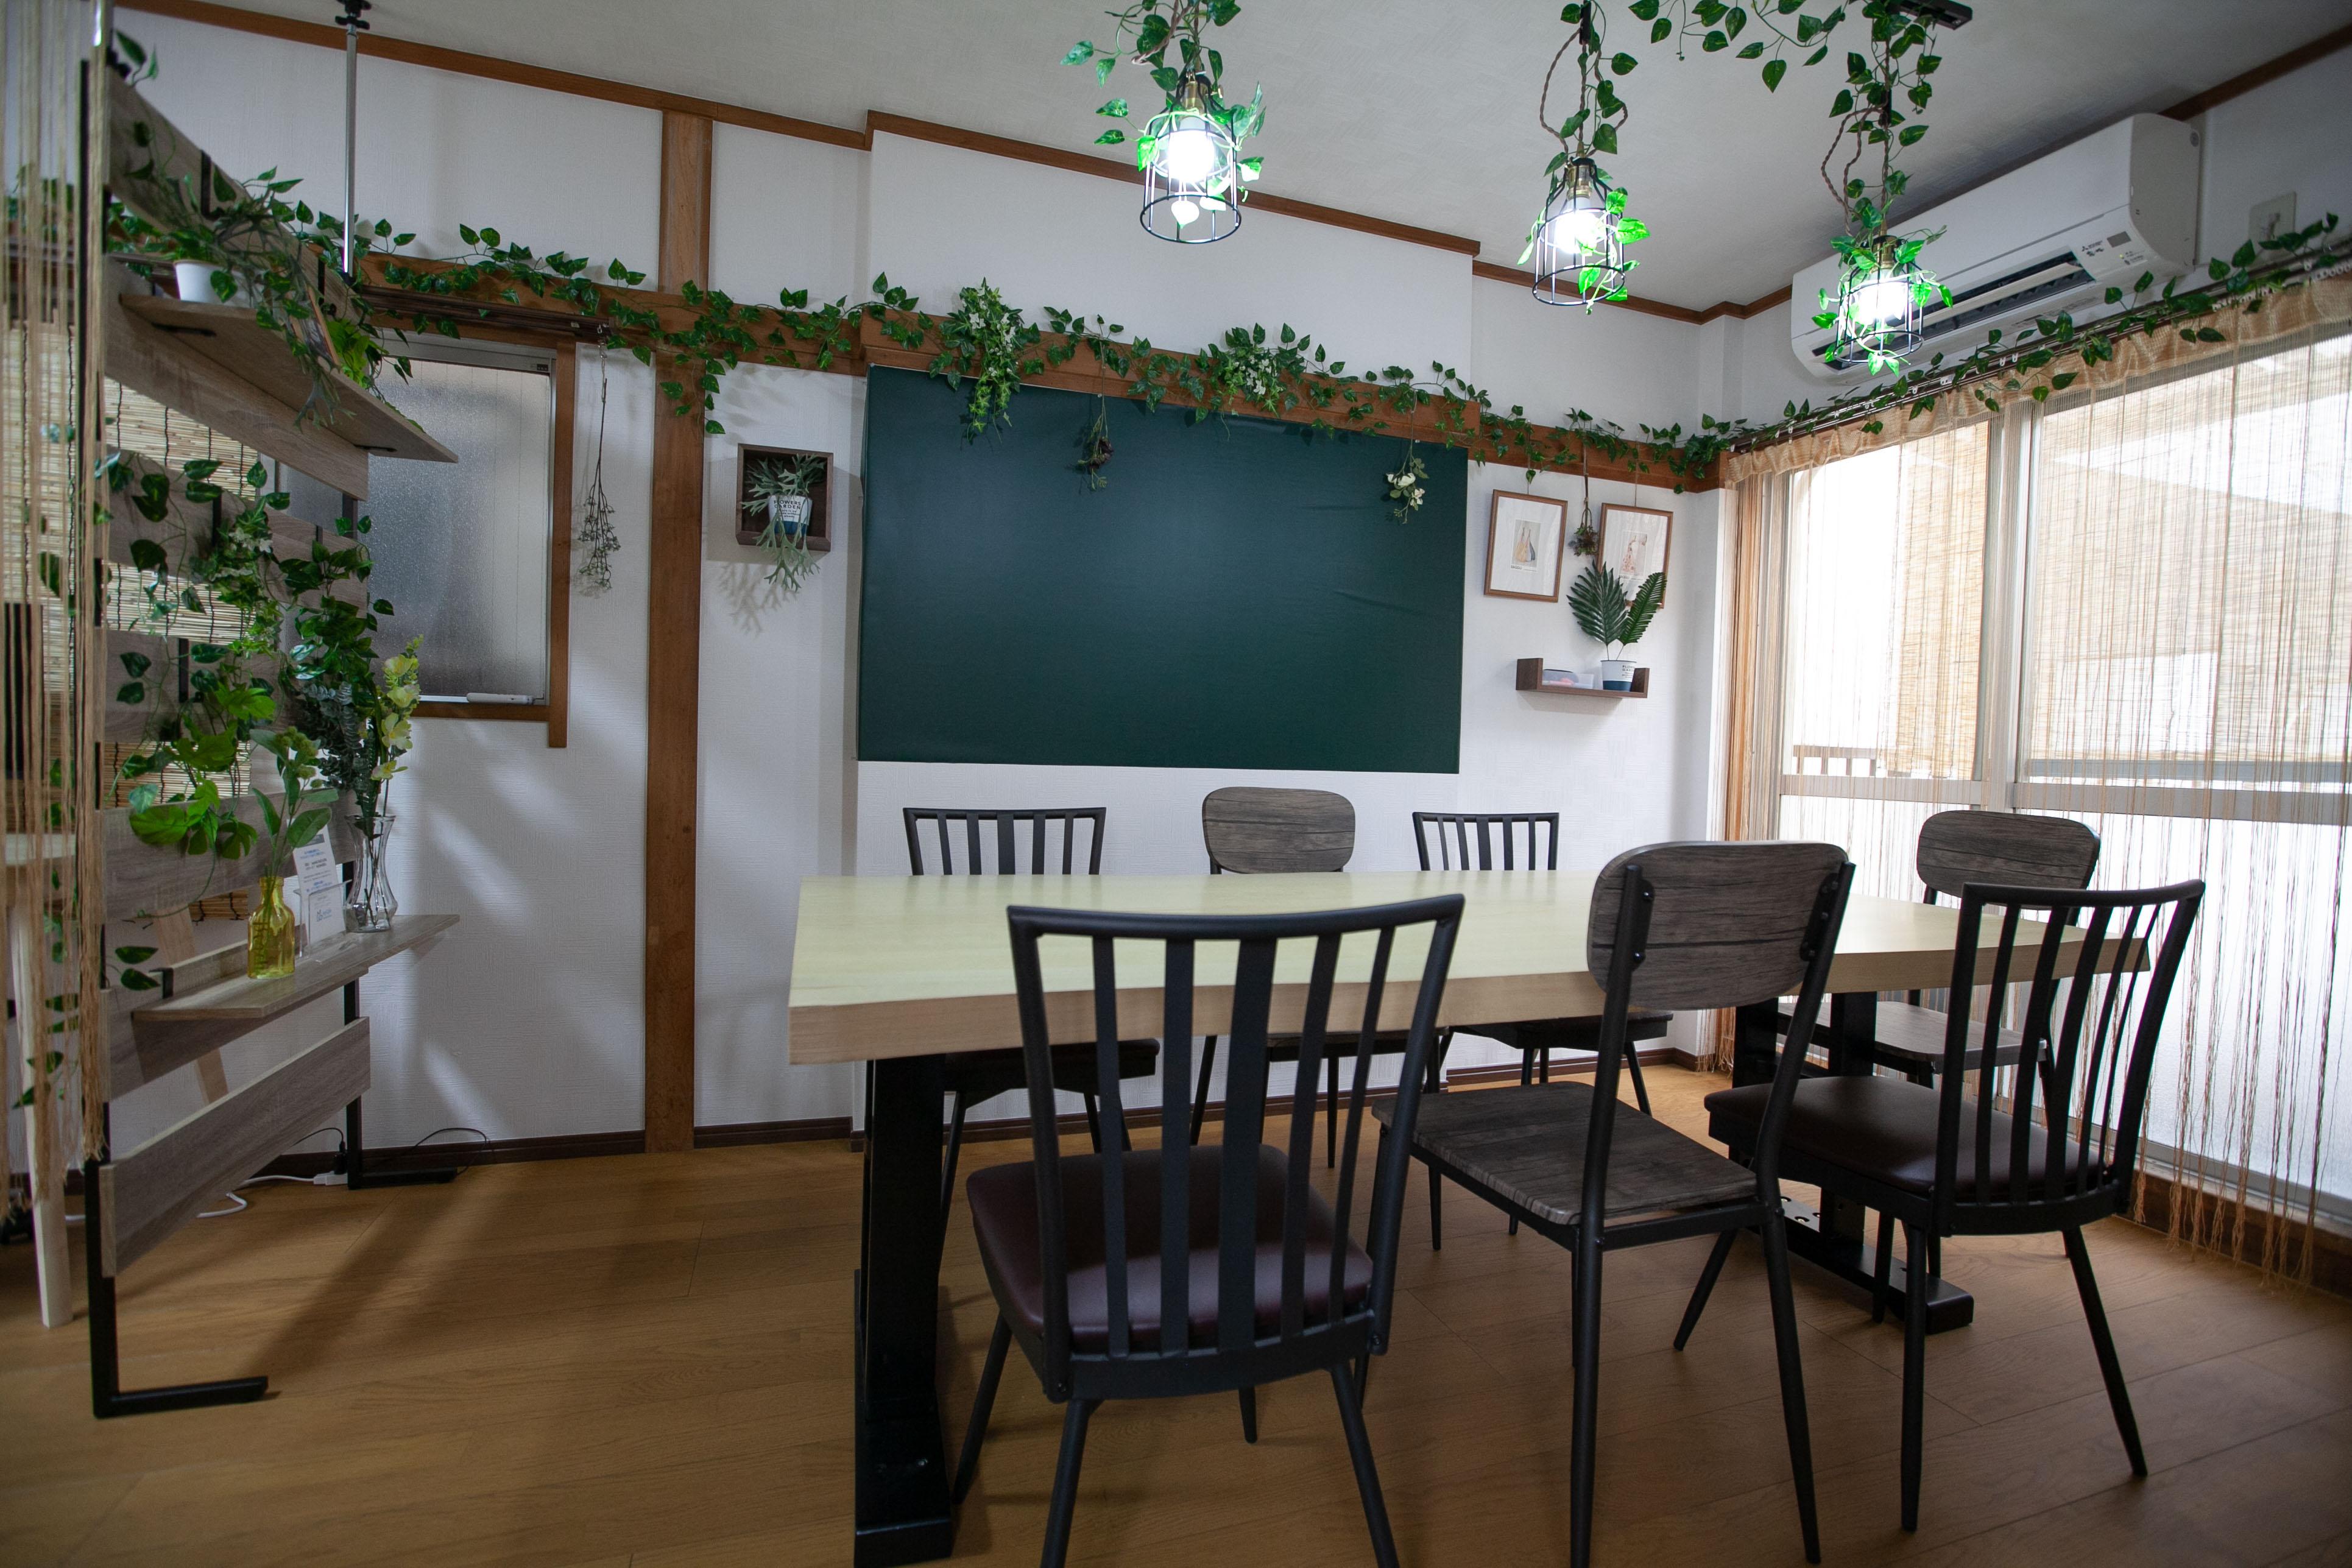 ●2階ナチュラルカフェ 古民家の面影を残す、柱と長押。 ナチュラルな木目と緑で包 - 東京・王子「アイビーカフェ王子」 2階ナチュラルカフェ/約5畳の室内の写真